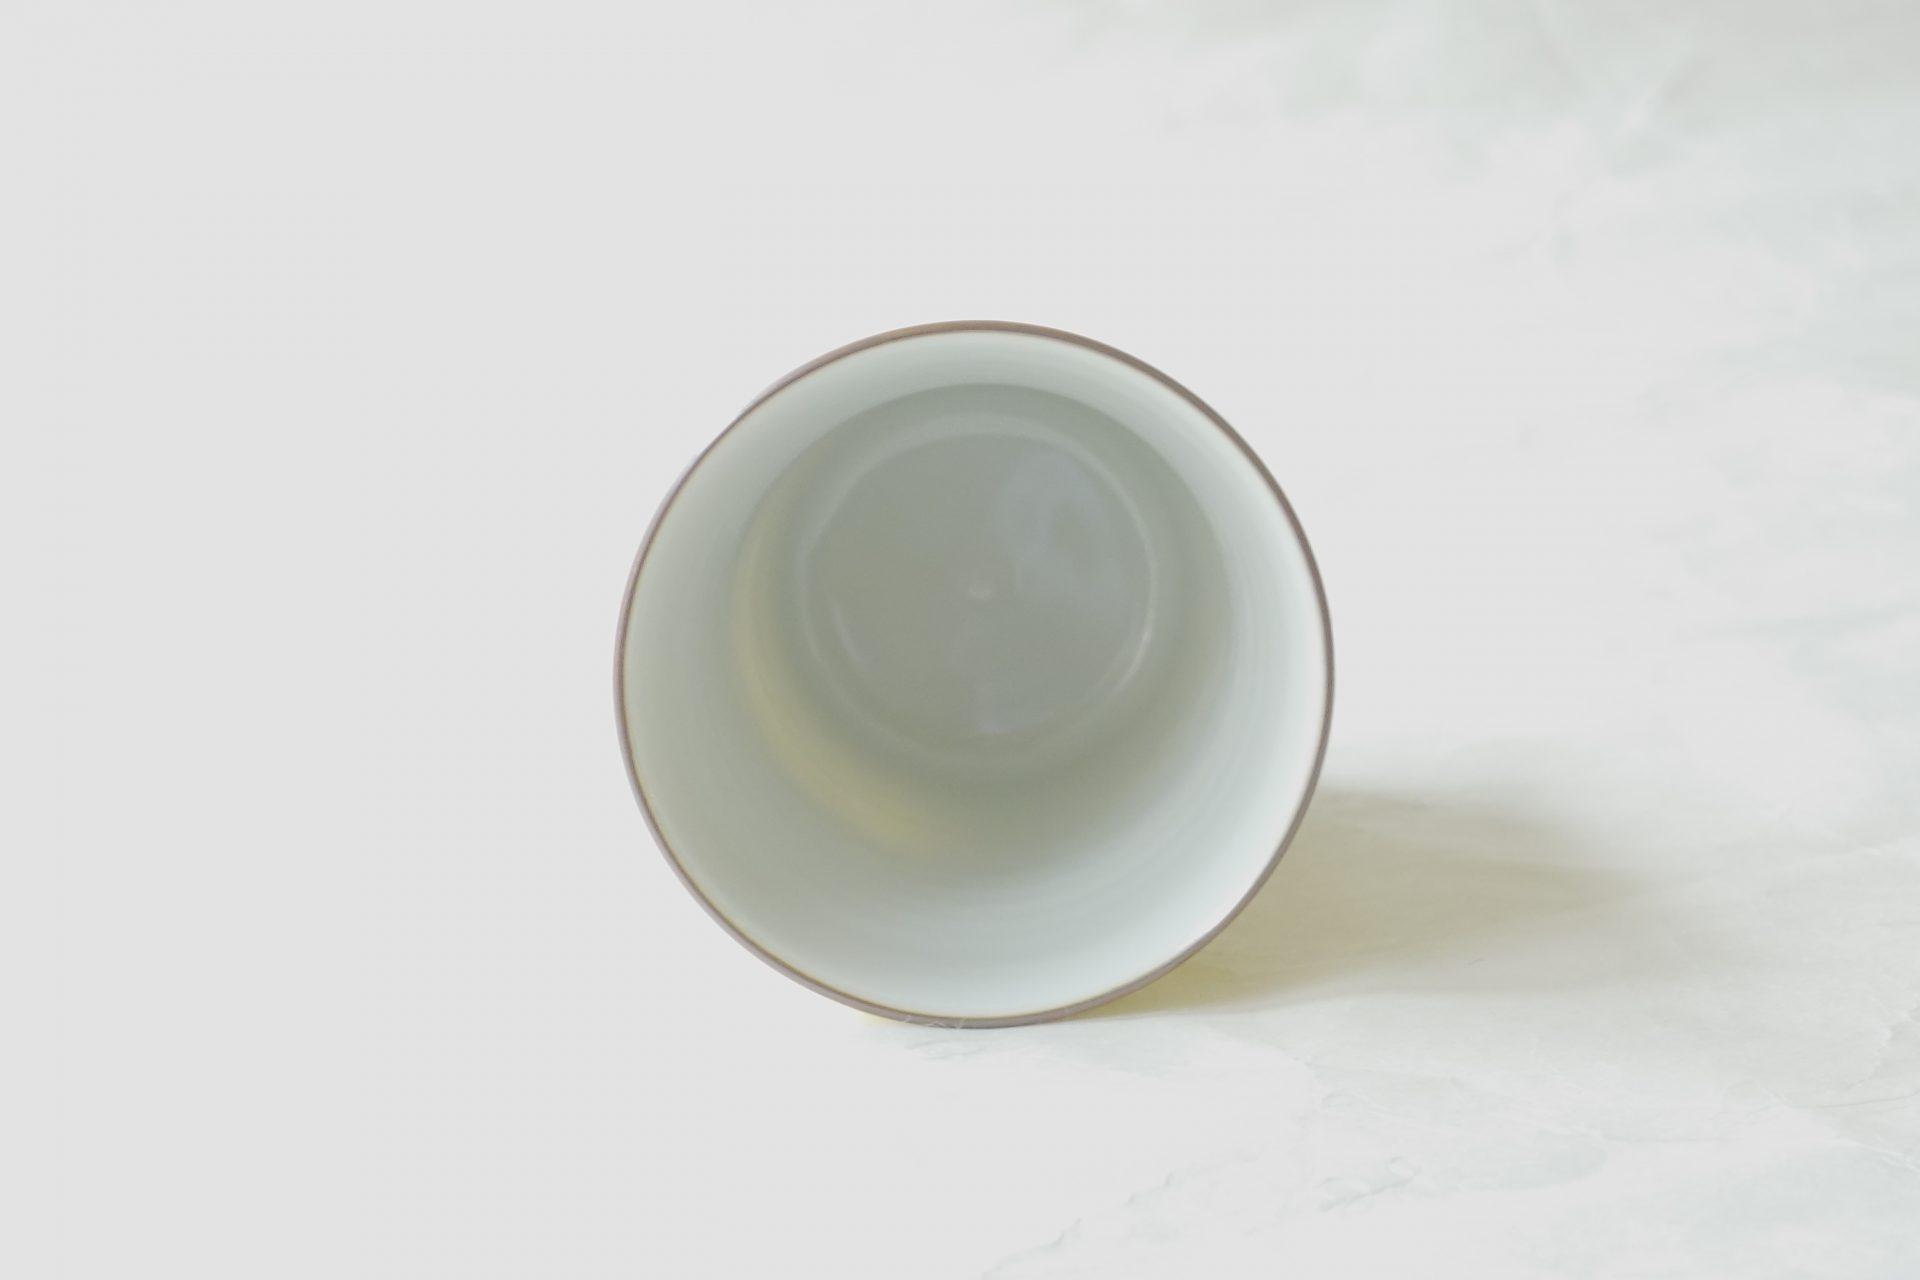 陶磁器 清水焼 黄交趾 フリーカップ 鮮やか こっくり 深い黄色 きれいな色 深い色 シンプルなデザイン 艶 輝いて見える 細い線 立体的 不規則 デザイン 滑り止め ちょうどいいサイズ 様々な飲み物 羽反り型 飲みやすい 握りやすい 安定 磁器製 焼きが硬い 欠けにくく 割れにくい